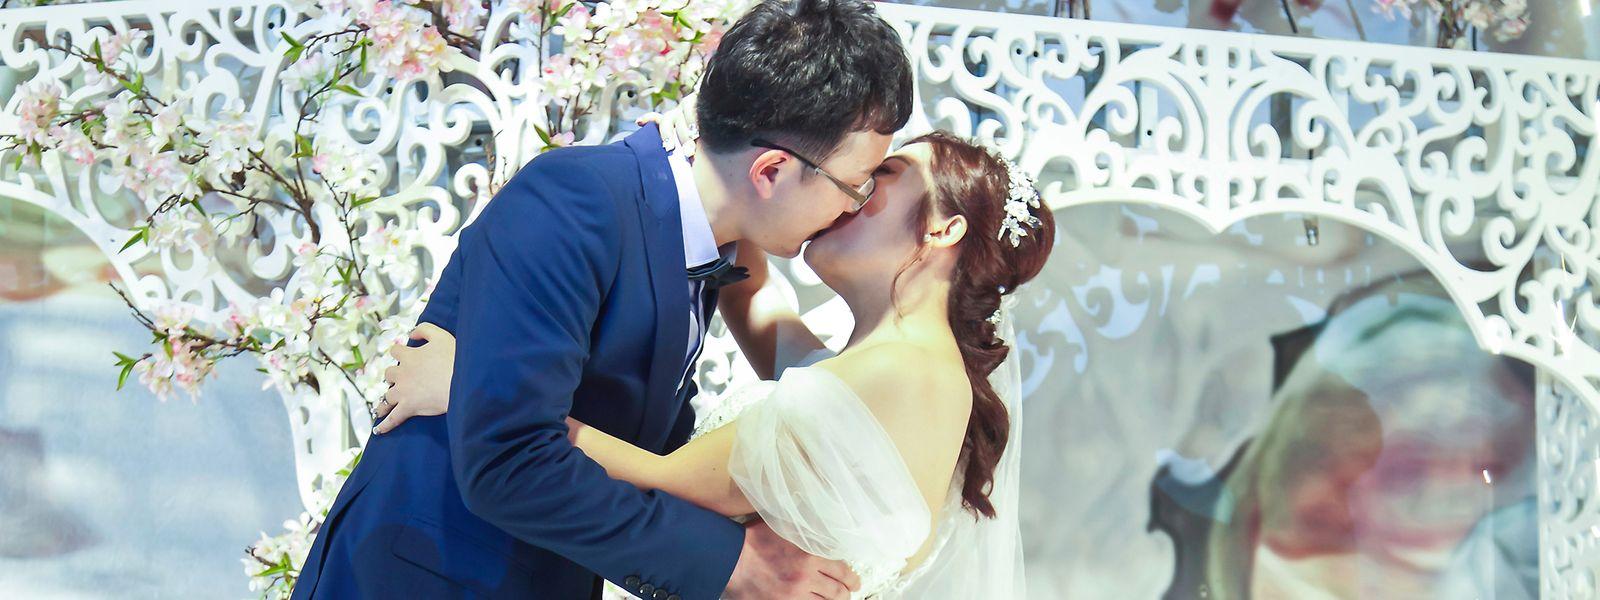 Nach westlichem Vorbild: Hochzeiten werden in China mit allem Pomp gefeiert – gerade weil die Partnerwahl durch und durch kalkuliert ist.